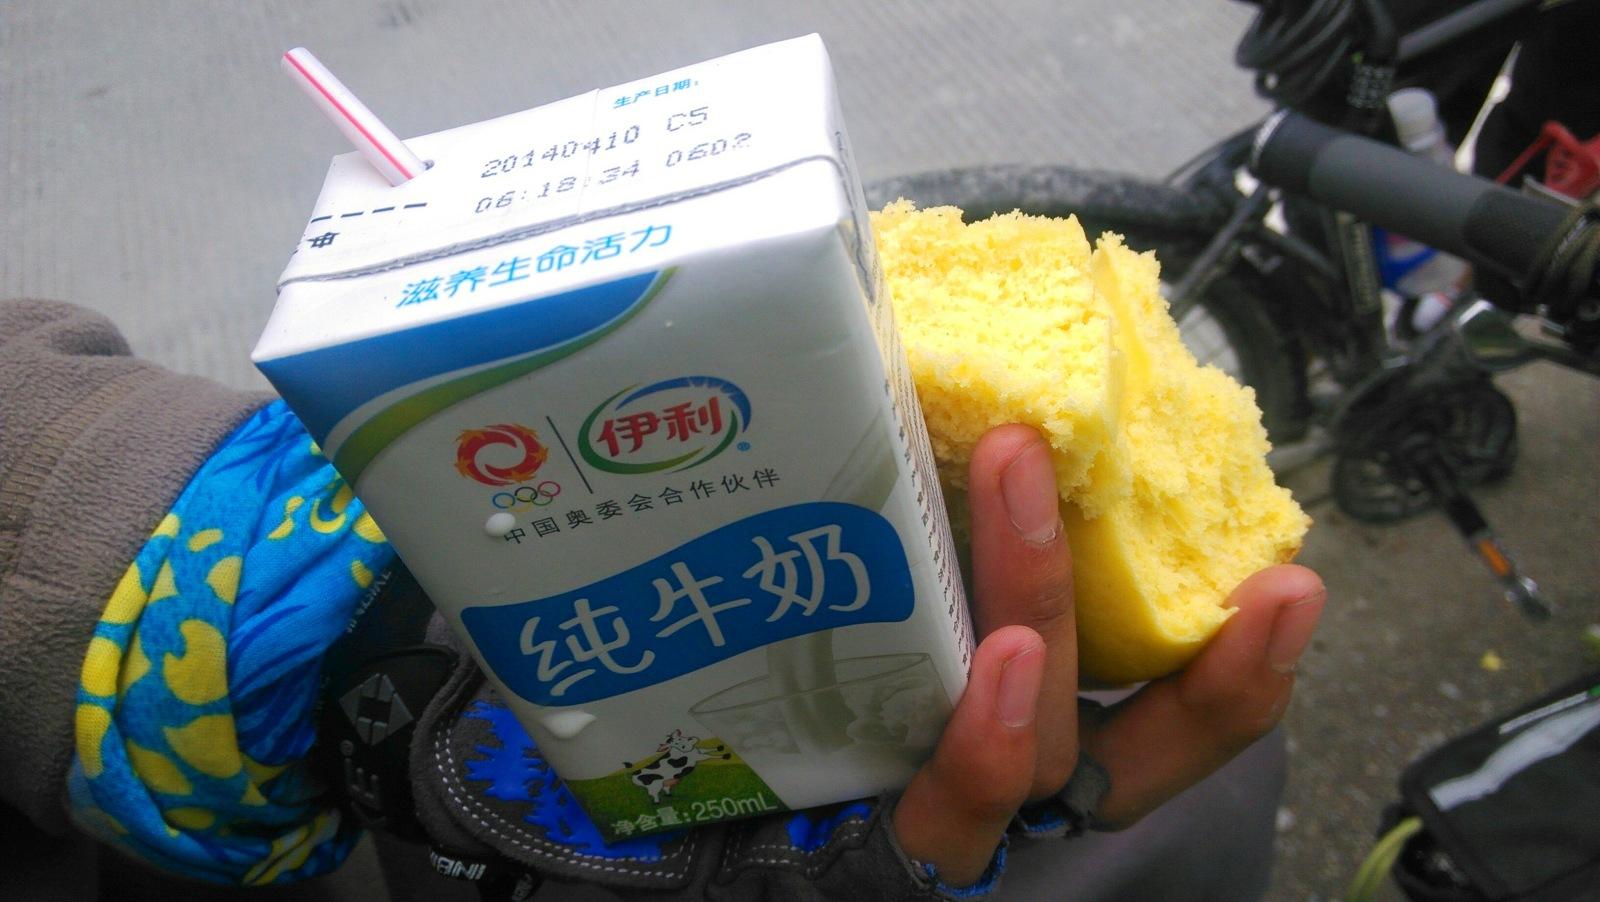 亮哥帮忙买来的牛奶,他说3块钱一盒并怀疑售货员弄错了